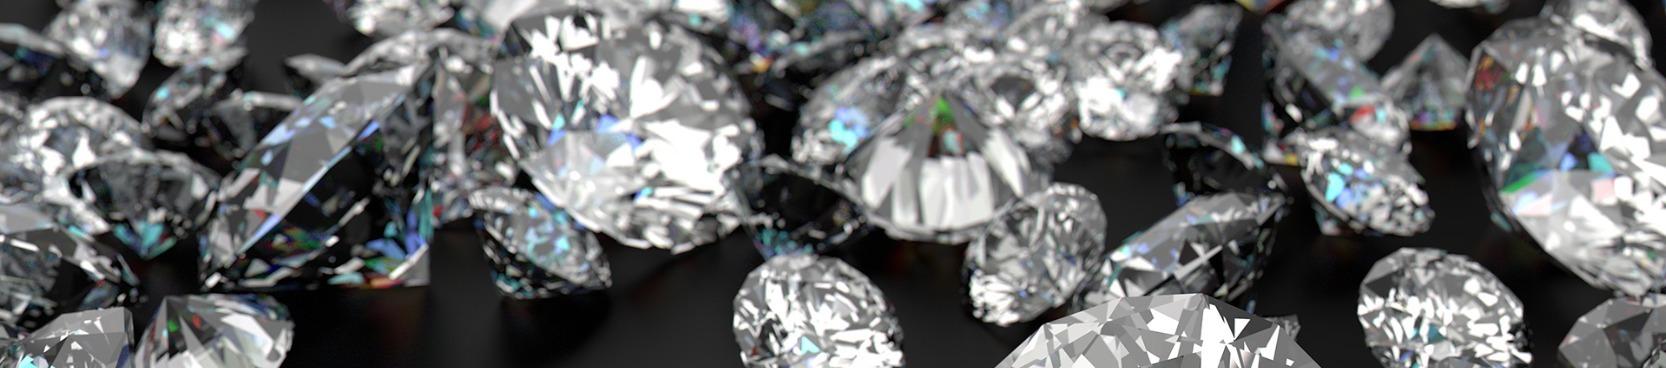 Ломбард с оценкой бриллиантов москва автосалоны бу авто рейтинг москва